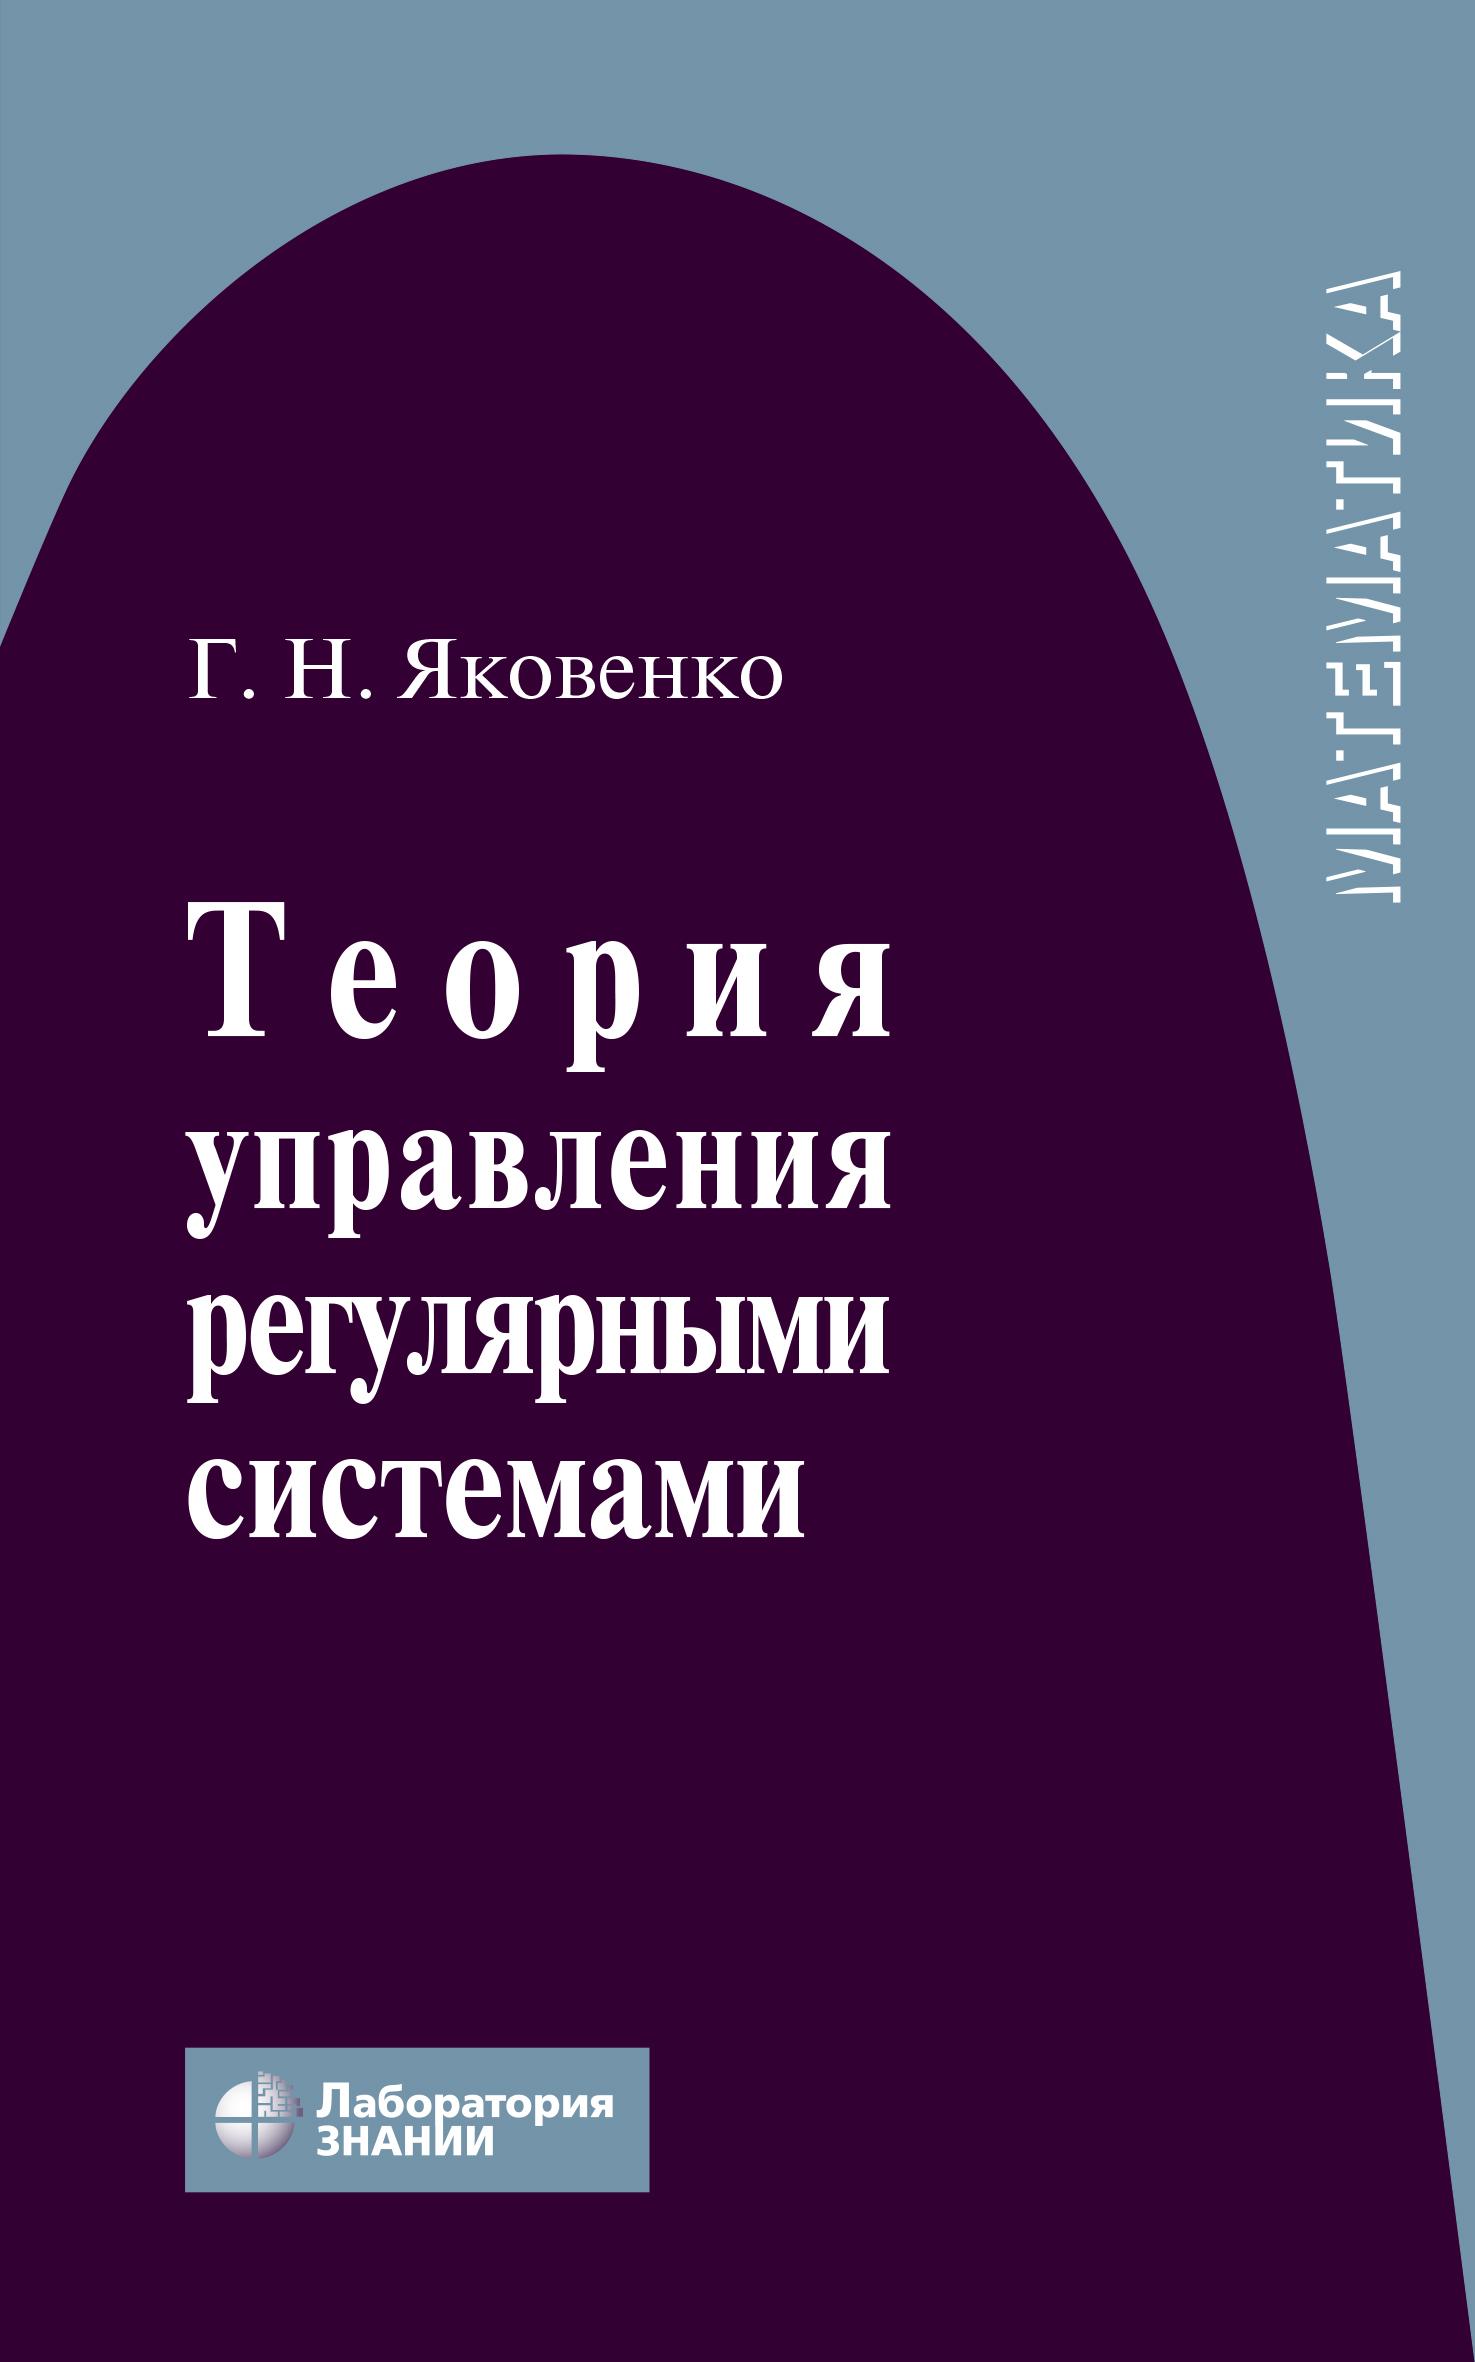 Г. Н. Яковенко Теория управления регулярными системами